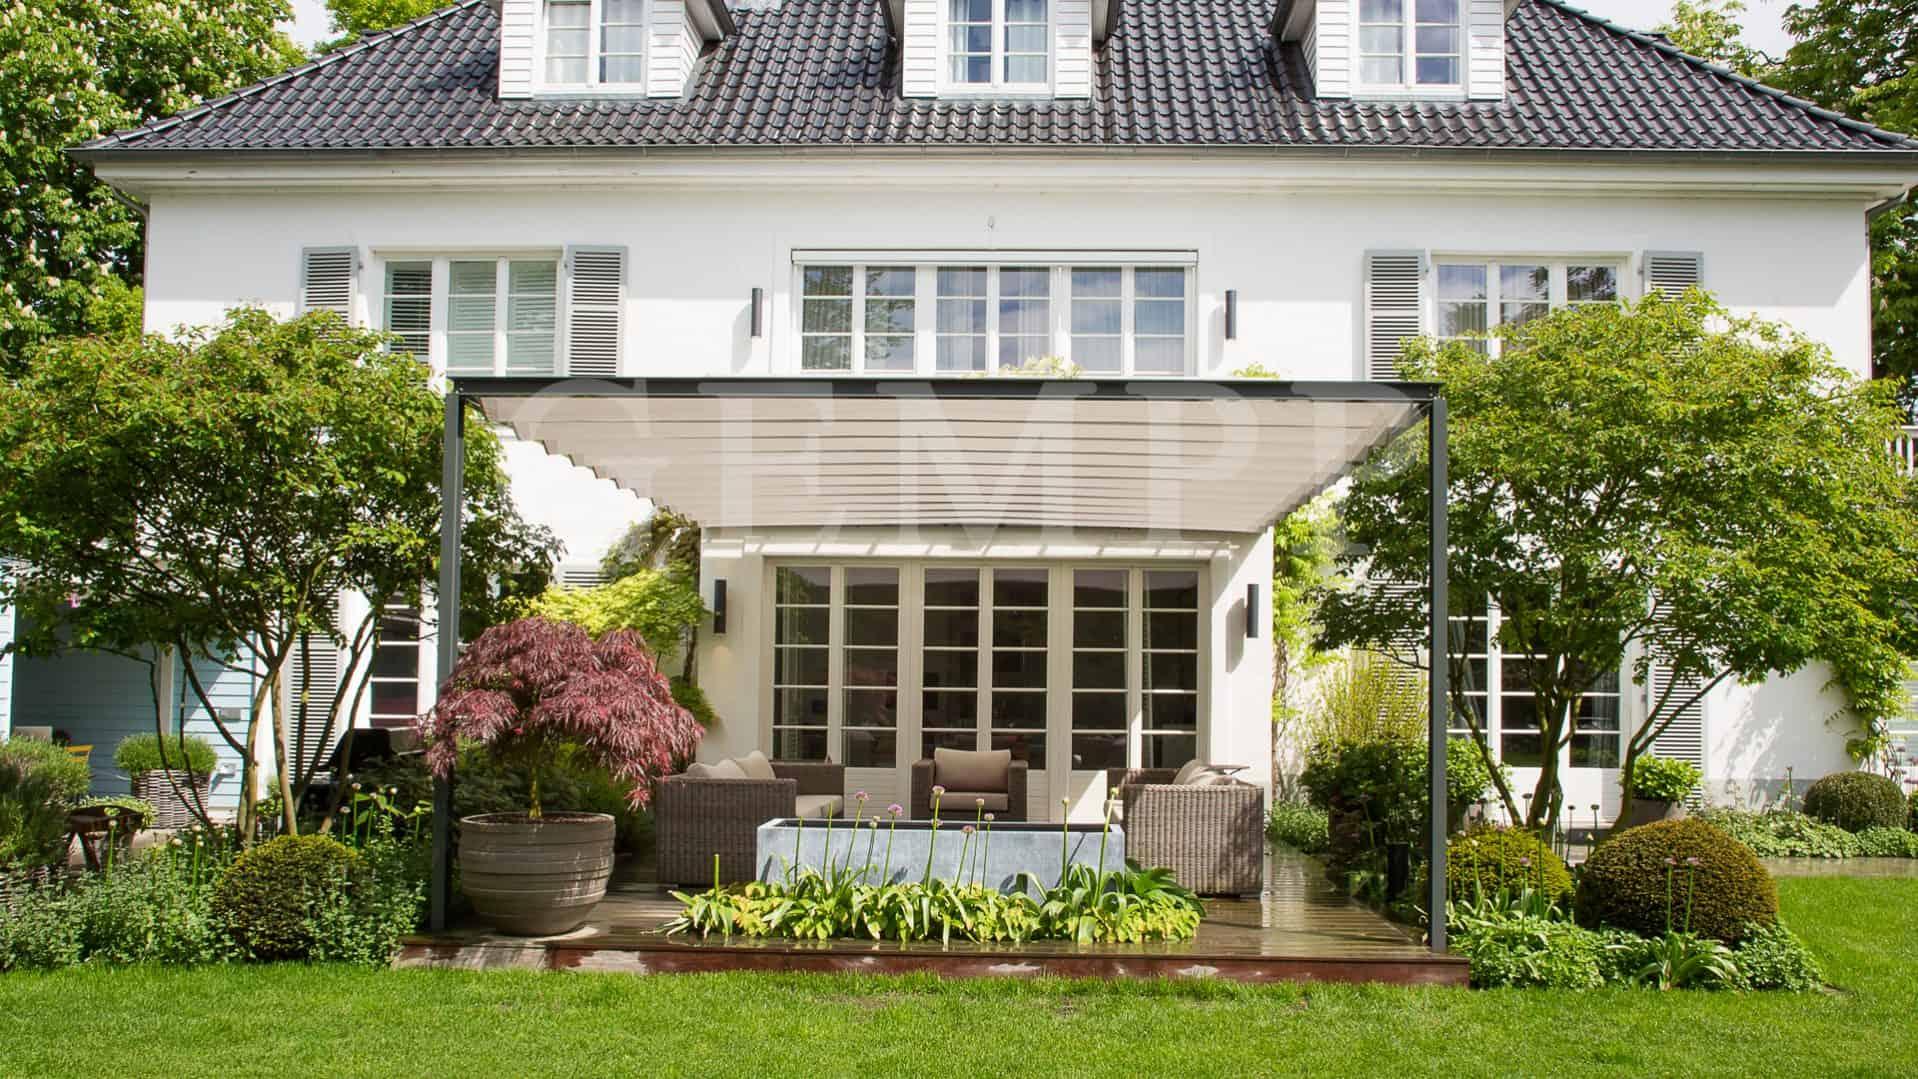 Stadthaus garten mit loungebereich und terrasen berdachung gartengestaltung hamburg gempp - Gartenplanung hamburg ...